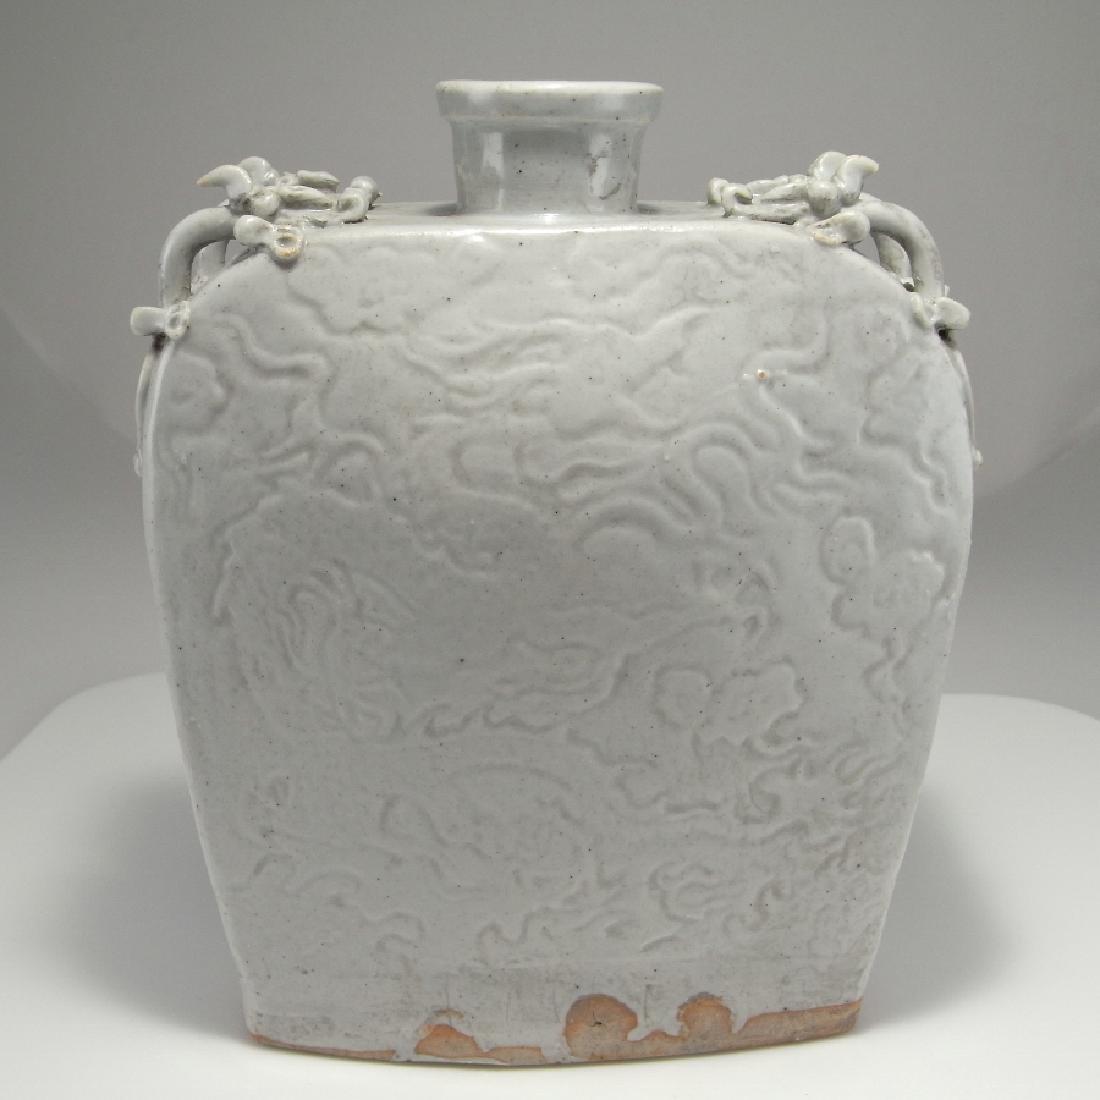 Yuan Dynasty White Wine Vessel Flask - 10